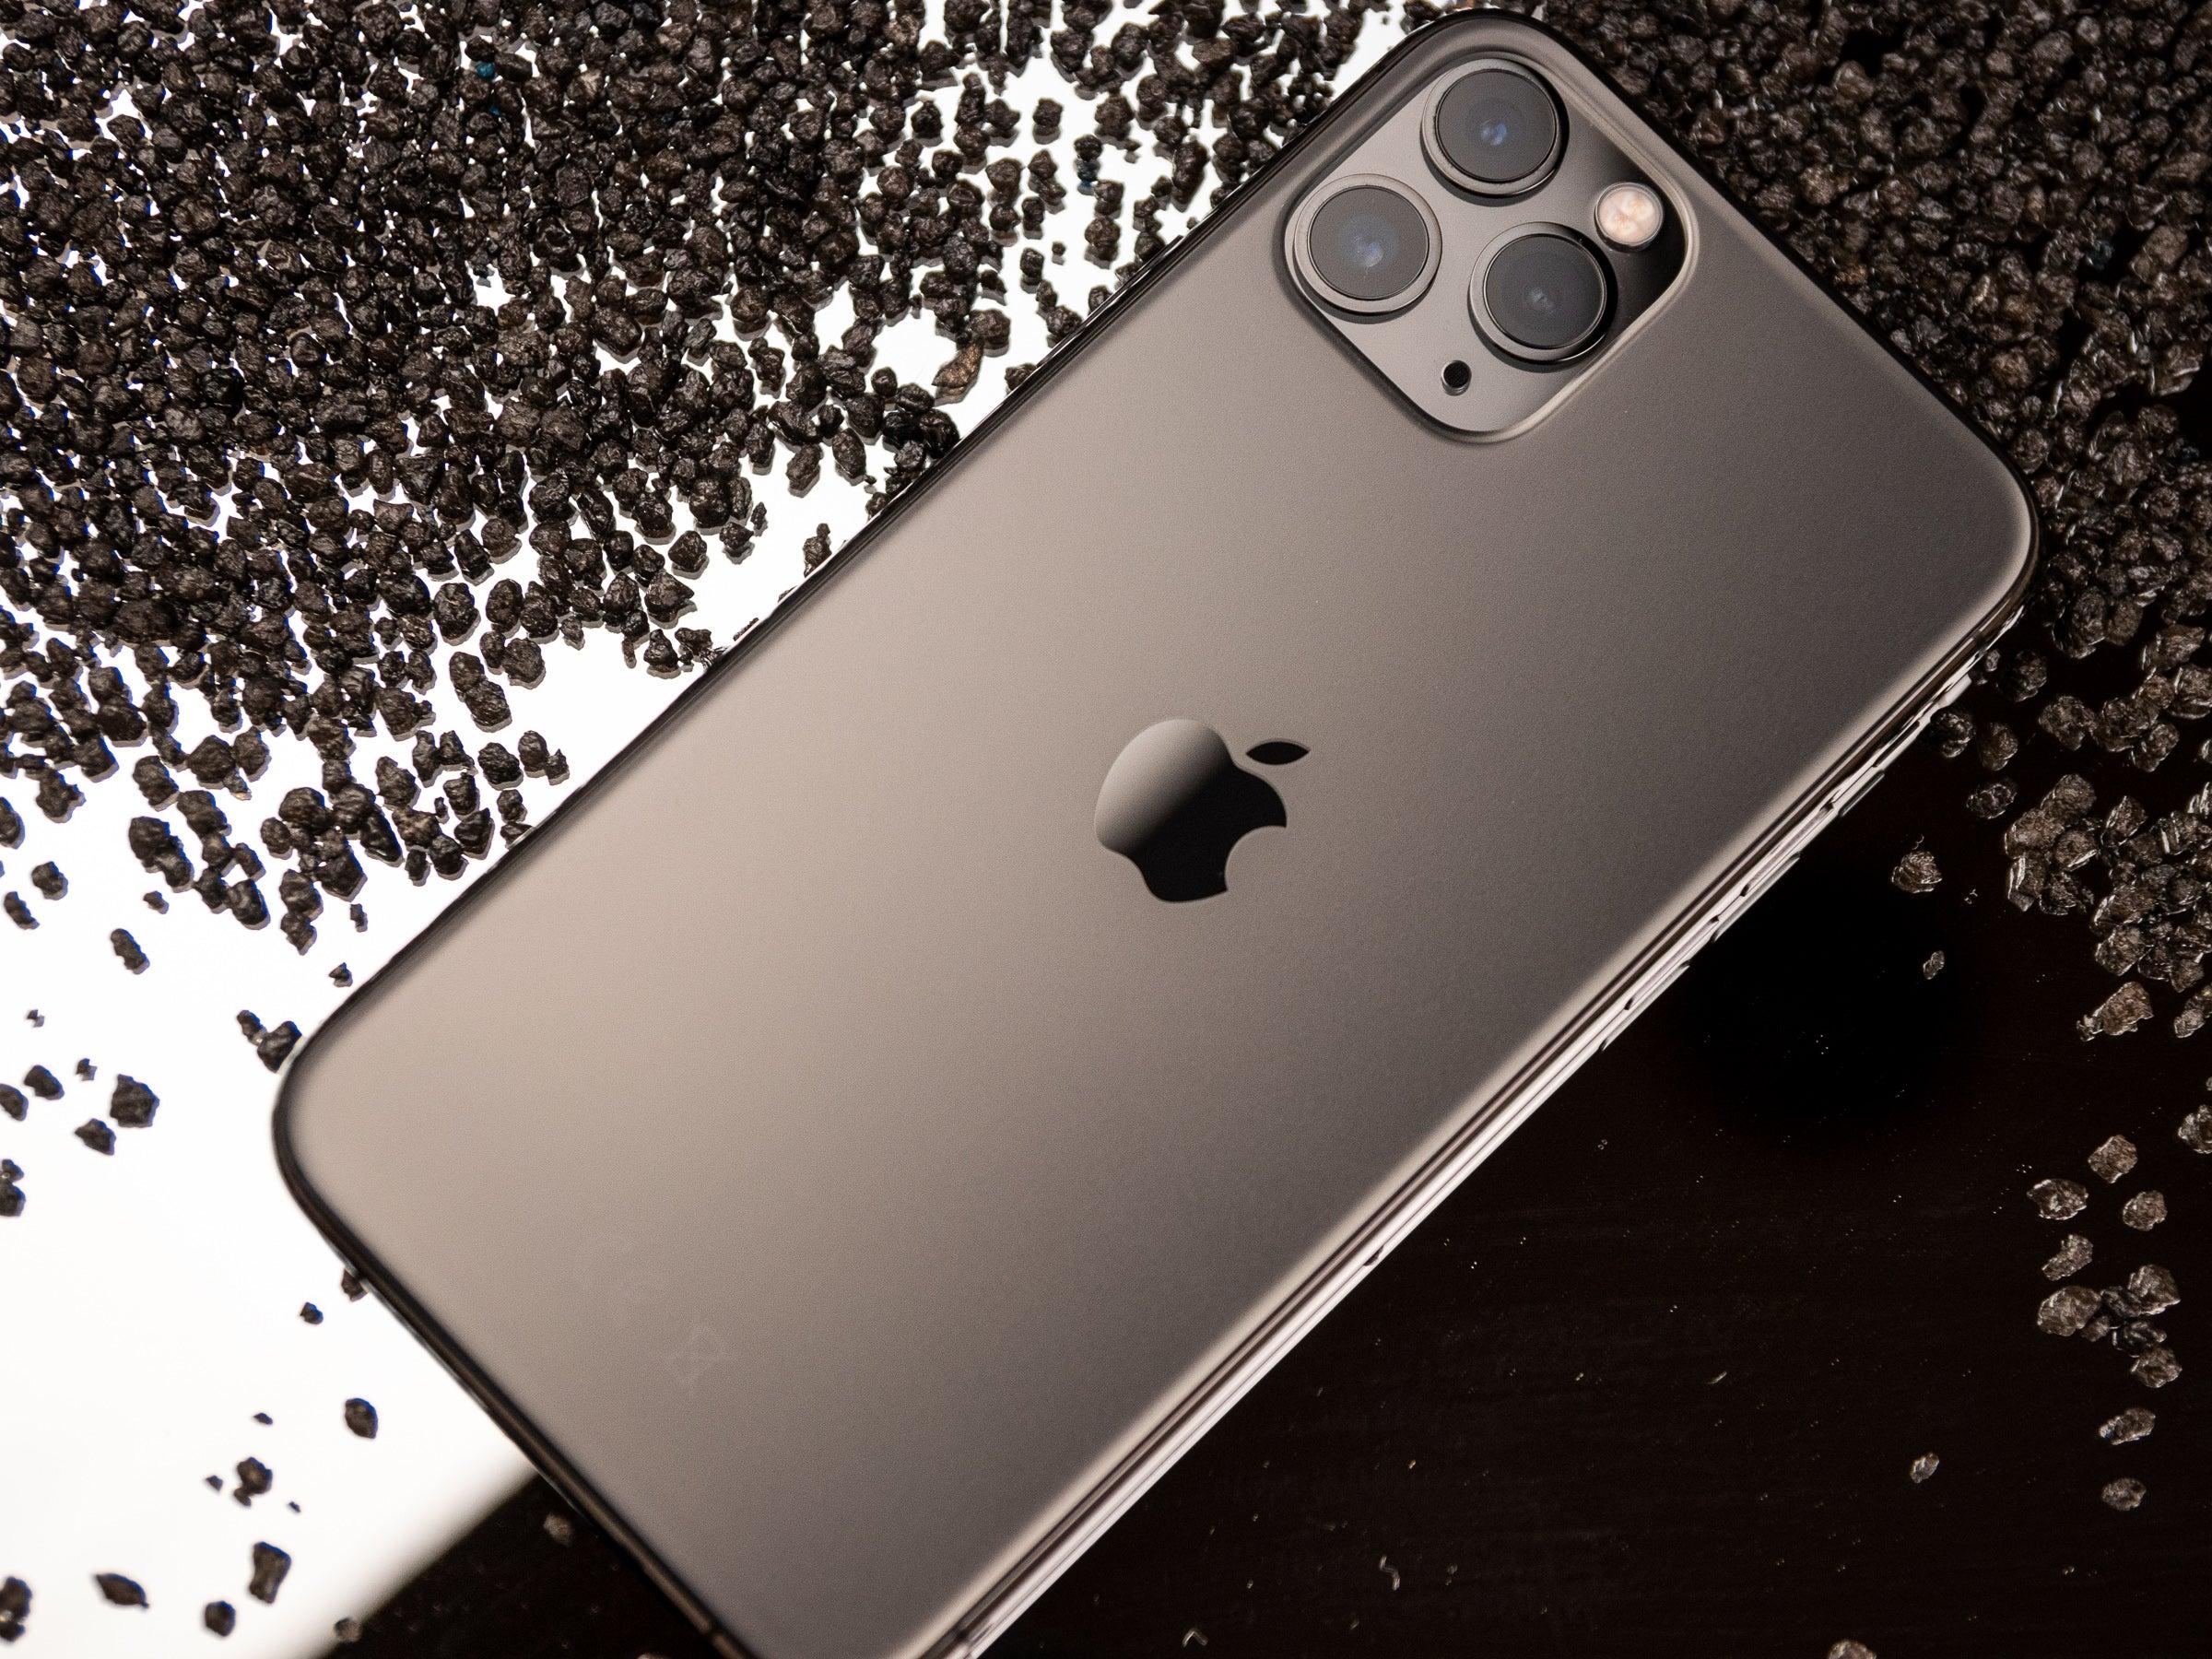 Mattes Glas des Apple iPhone 11 Pro